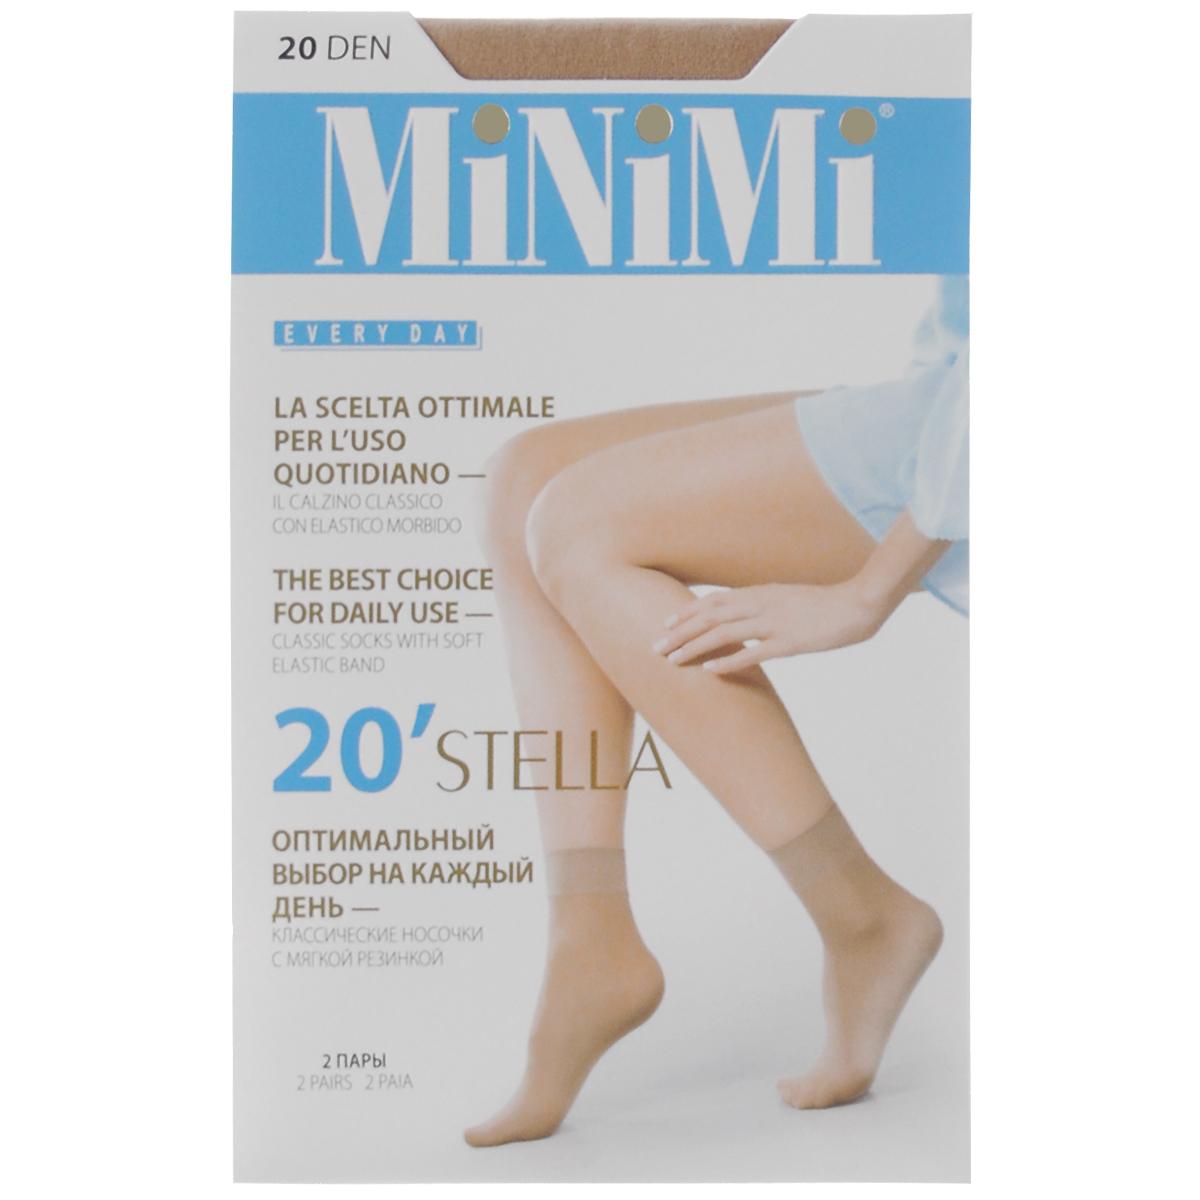 Носки женские Minimi Stella 20, 2 пары, цвет: Caramello (карамельный). Размер универсальный носки 2 пары 20 den intreccio цвет черный